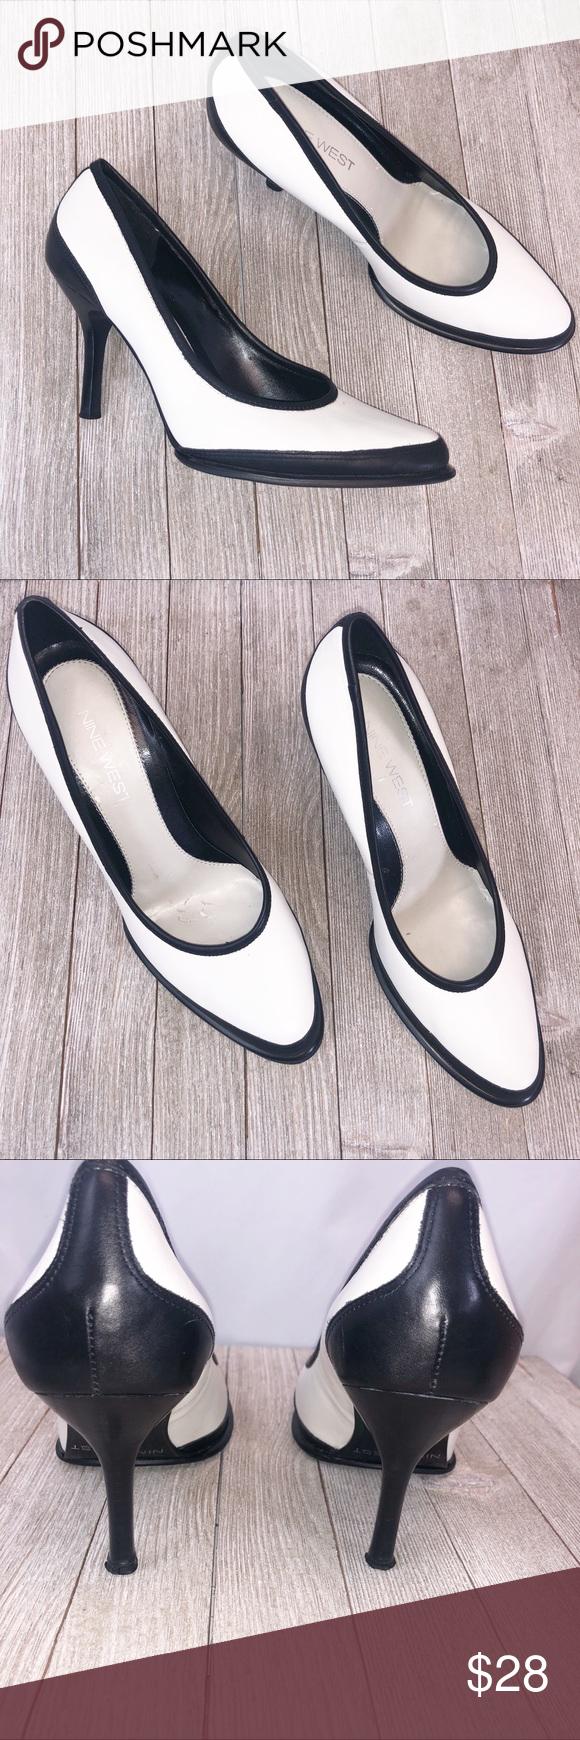 Nine West White Pumps Sz 8 Shoes women heels, White